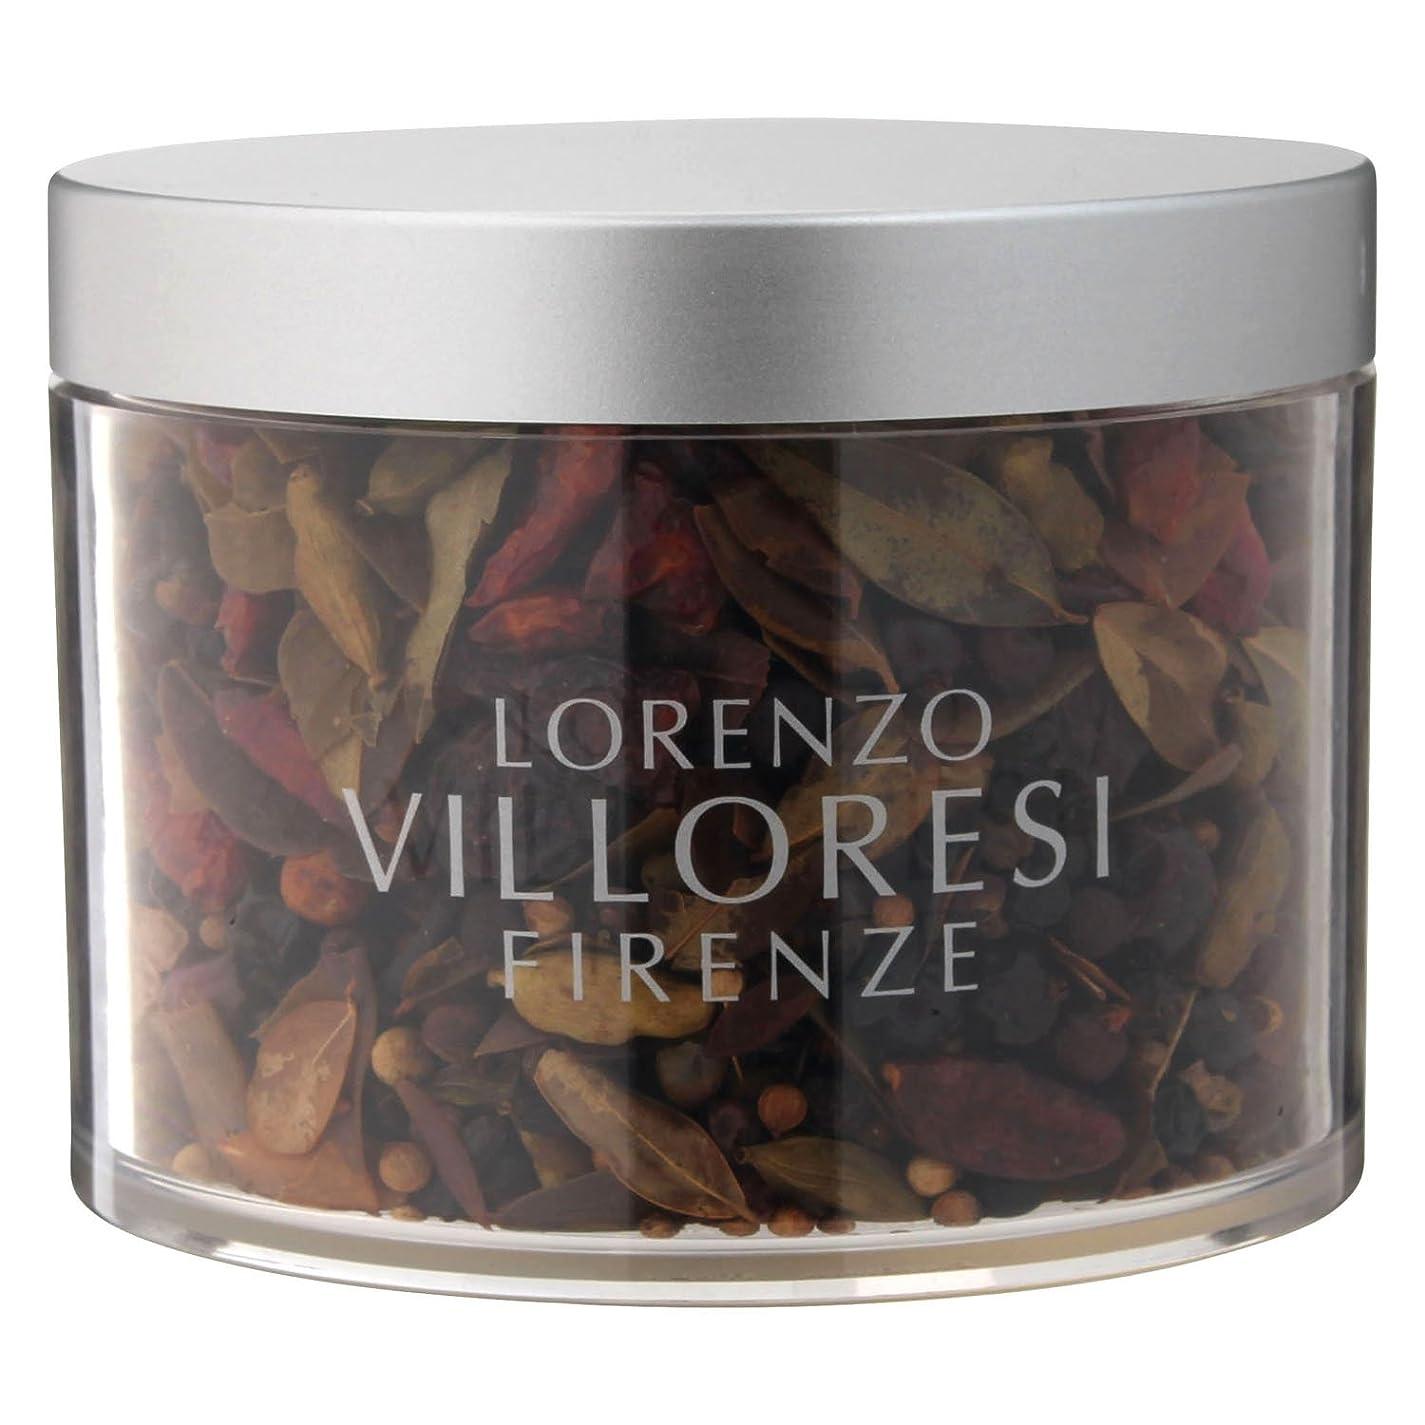 療法未接続腸LORENZO VILLORESI ポプリ ピペルニグラム 200g